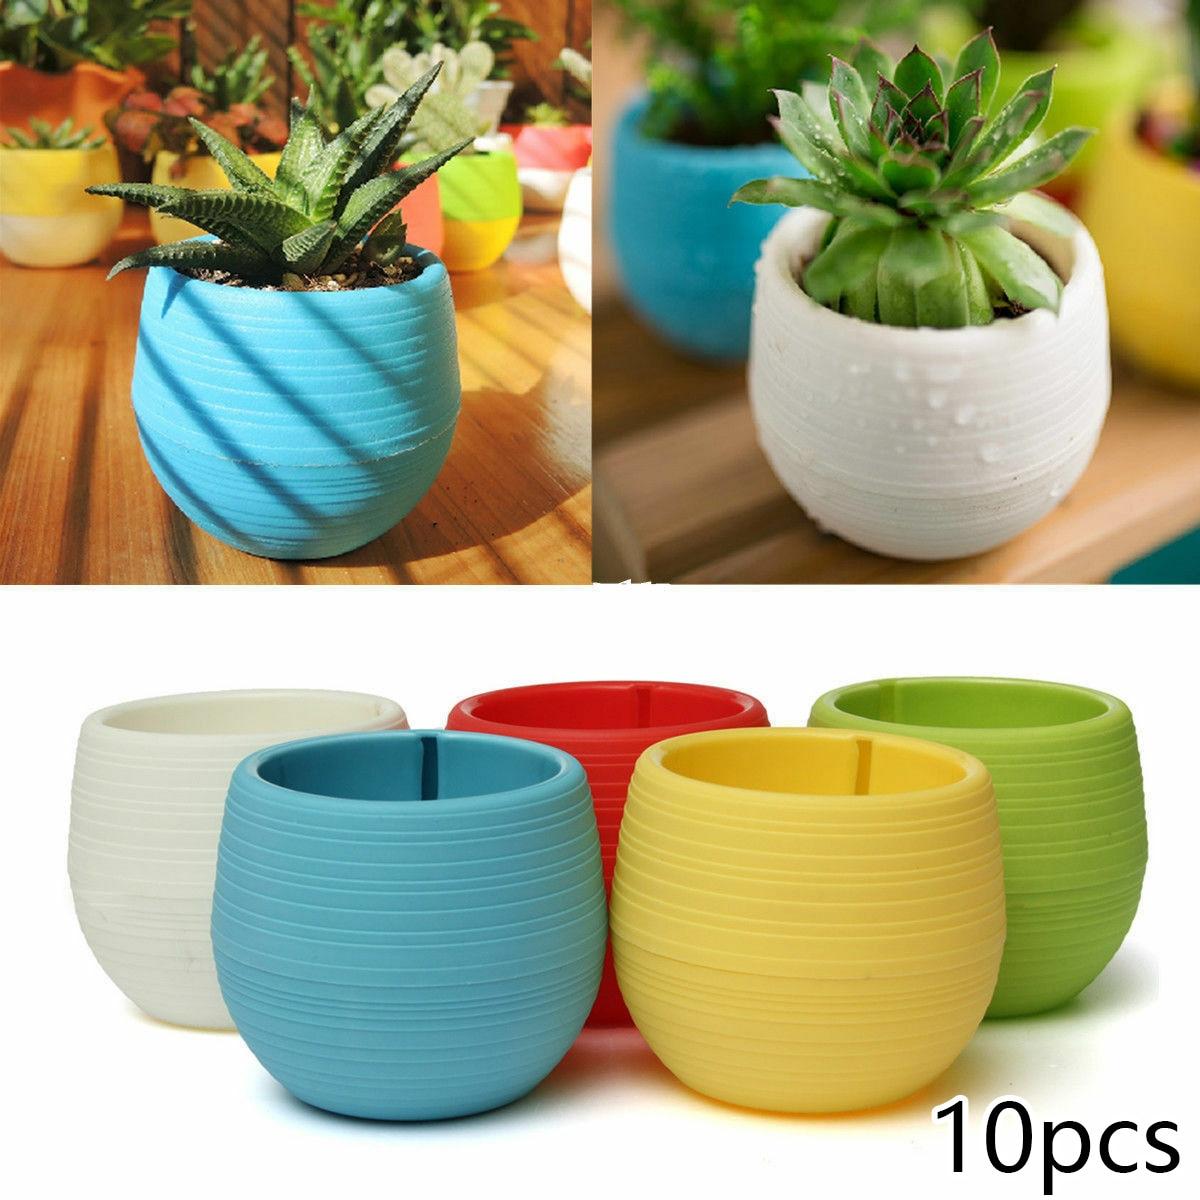 Planter Flower Pots Supply Decoration Round Mini Plastic Succulent Plant